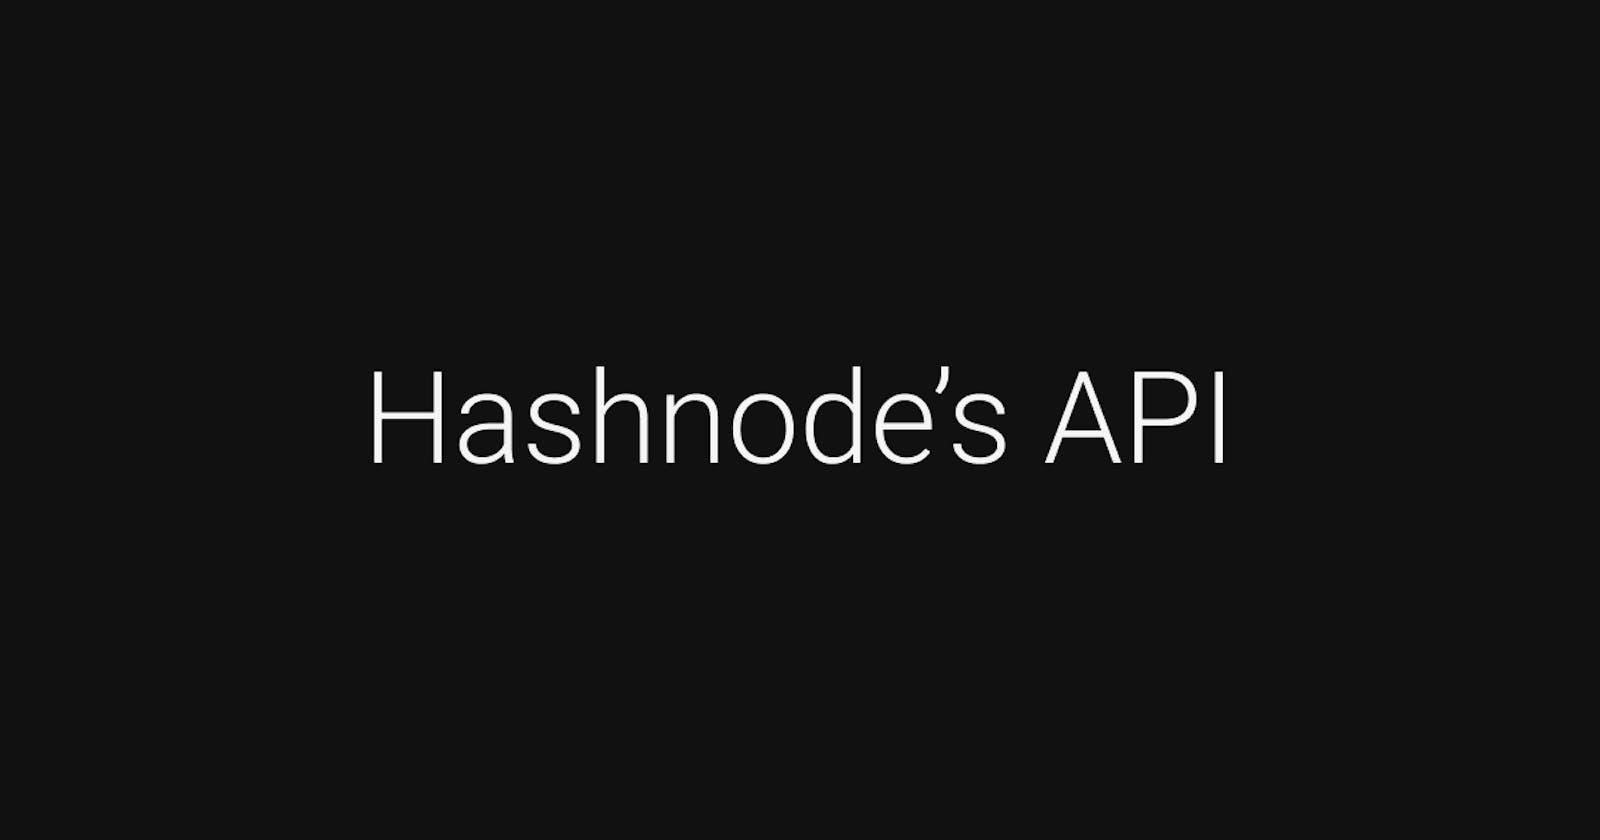 Using Hashnode's API for Blog Previews